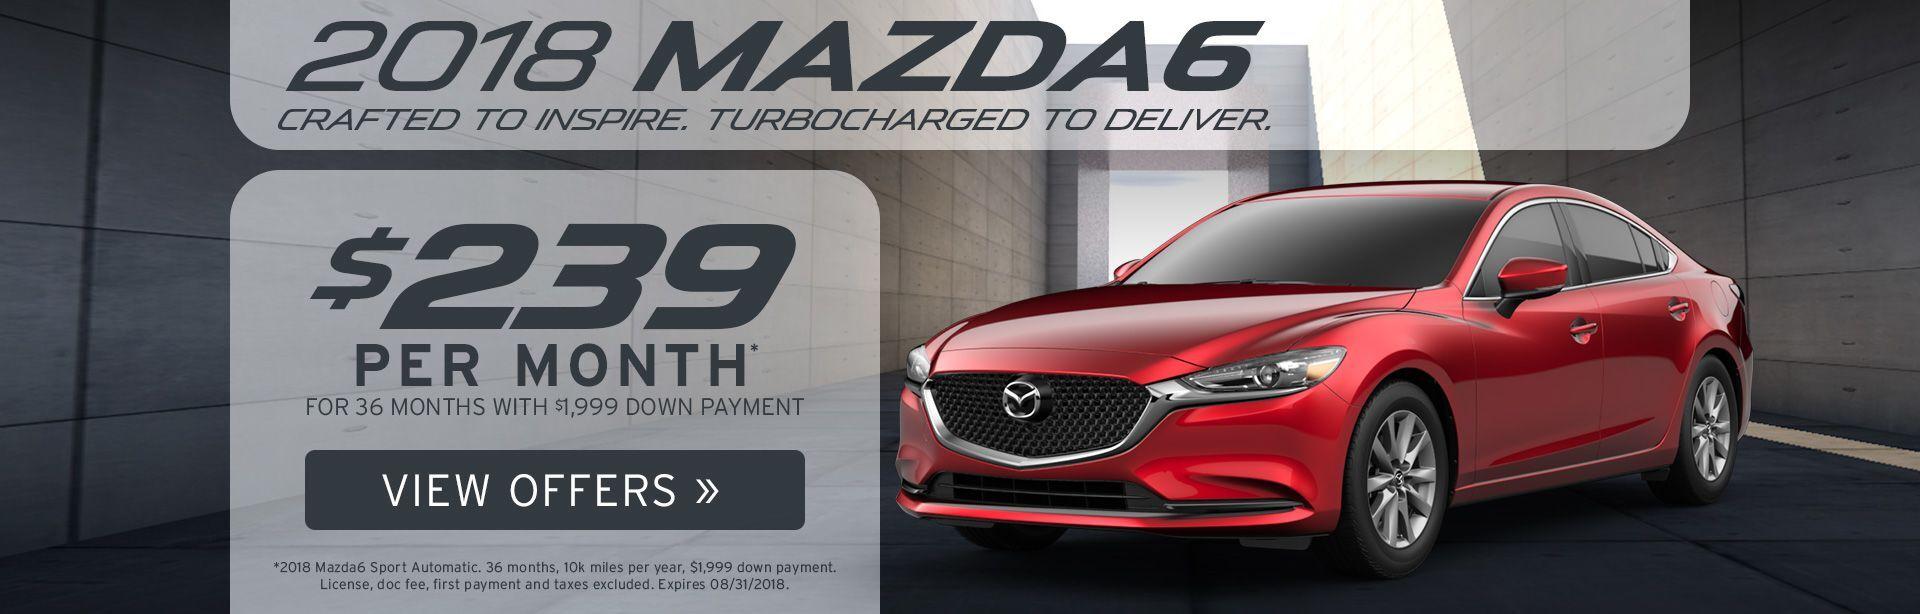 Mazda6 Specials